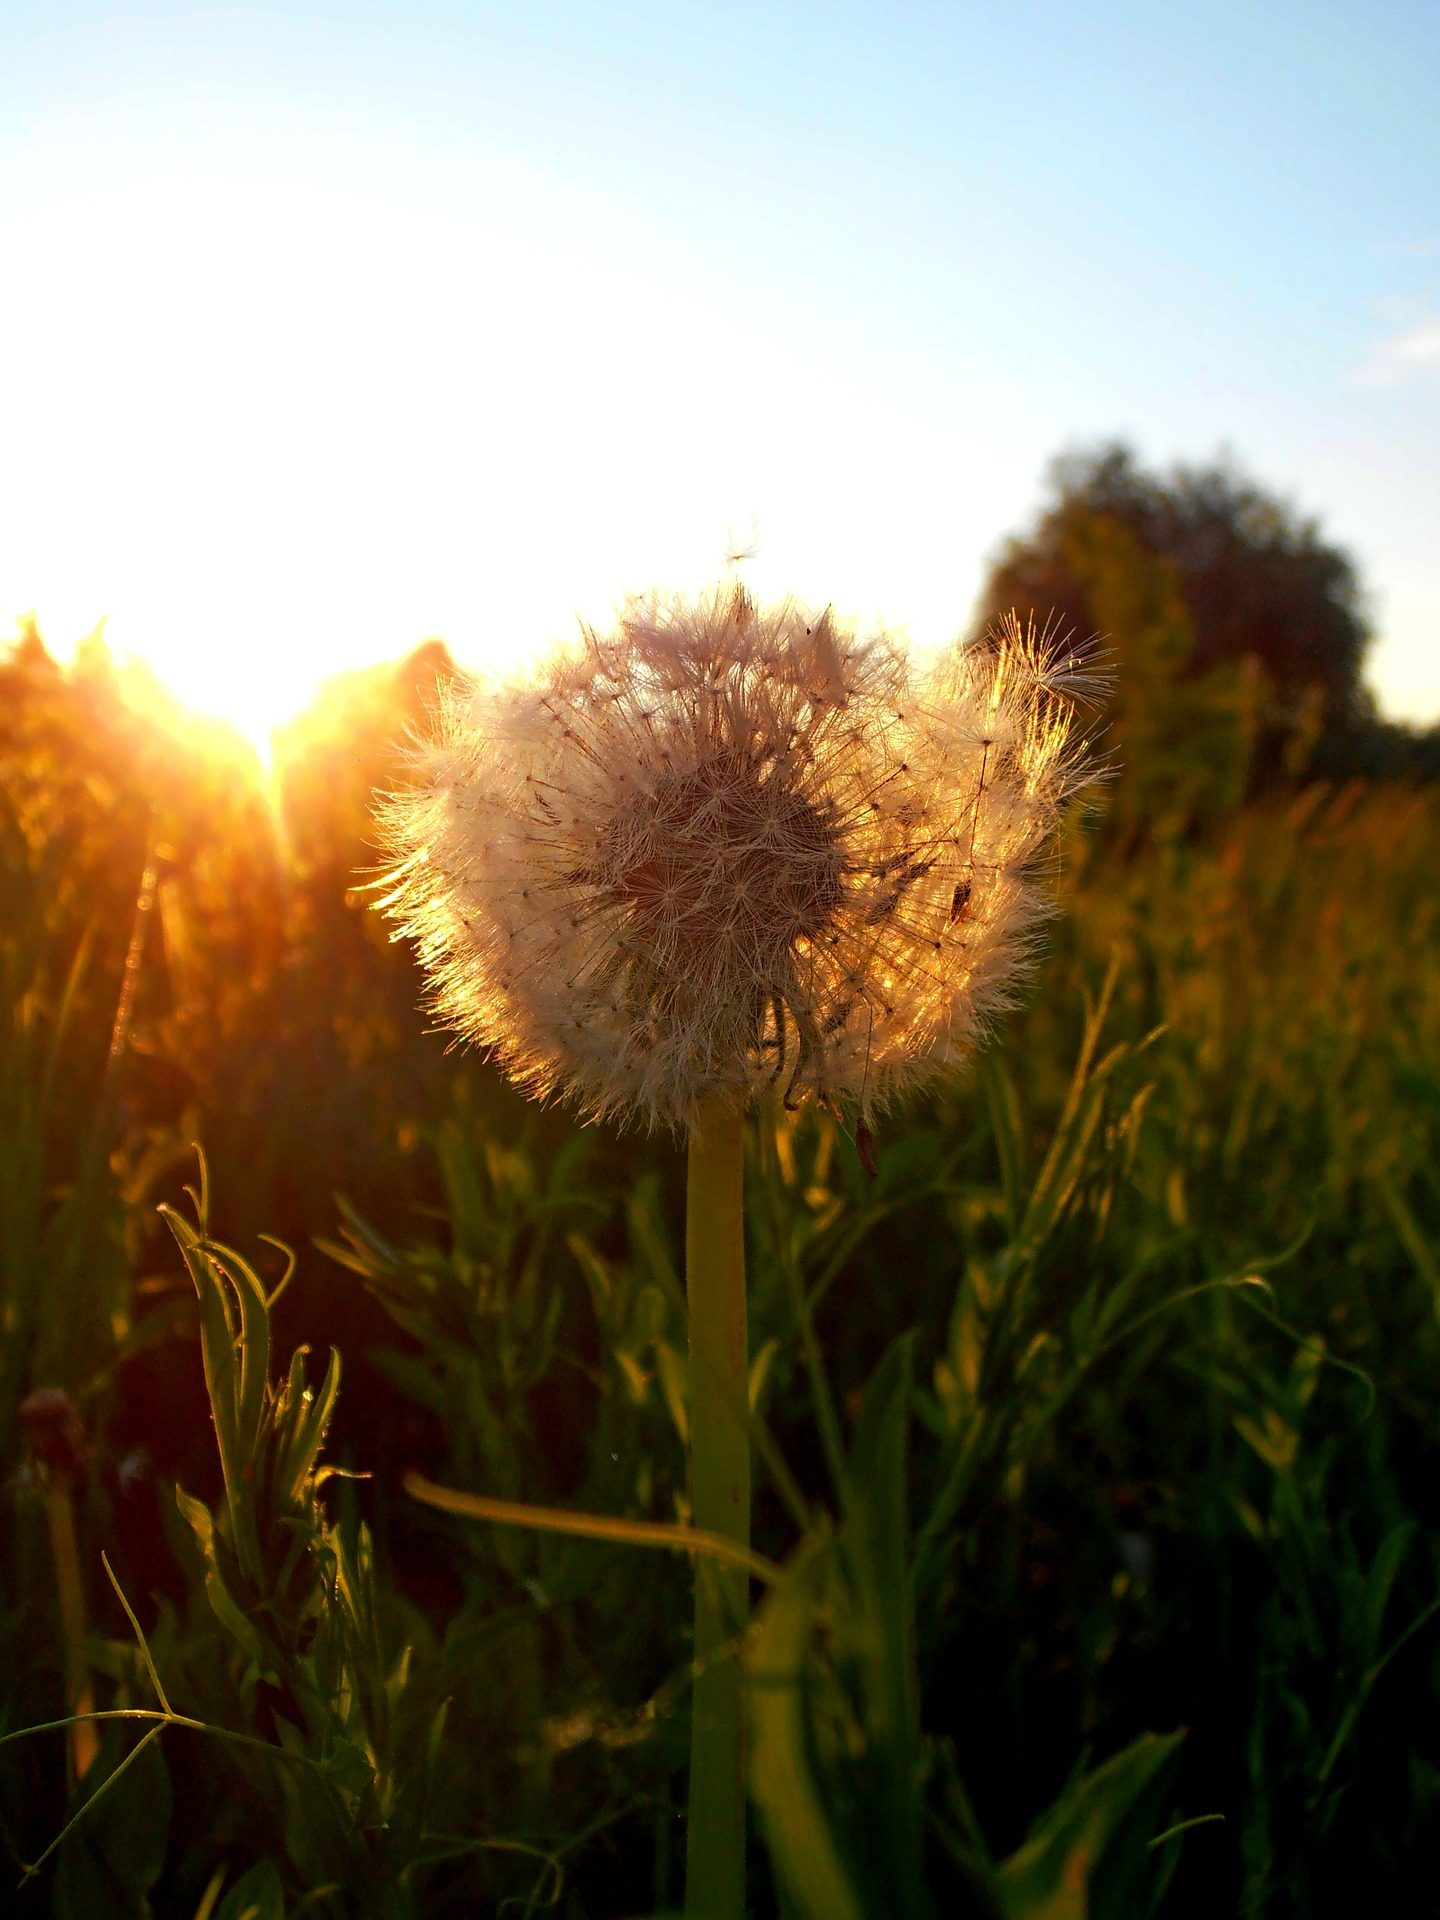 الهندباء, زهرة, غروب الشمس, صيف, برادو, الميدان - خلفيات عالية الدقة - أستاذ falken.com